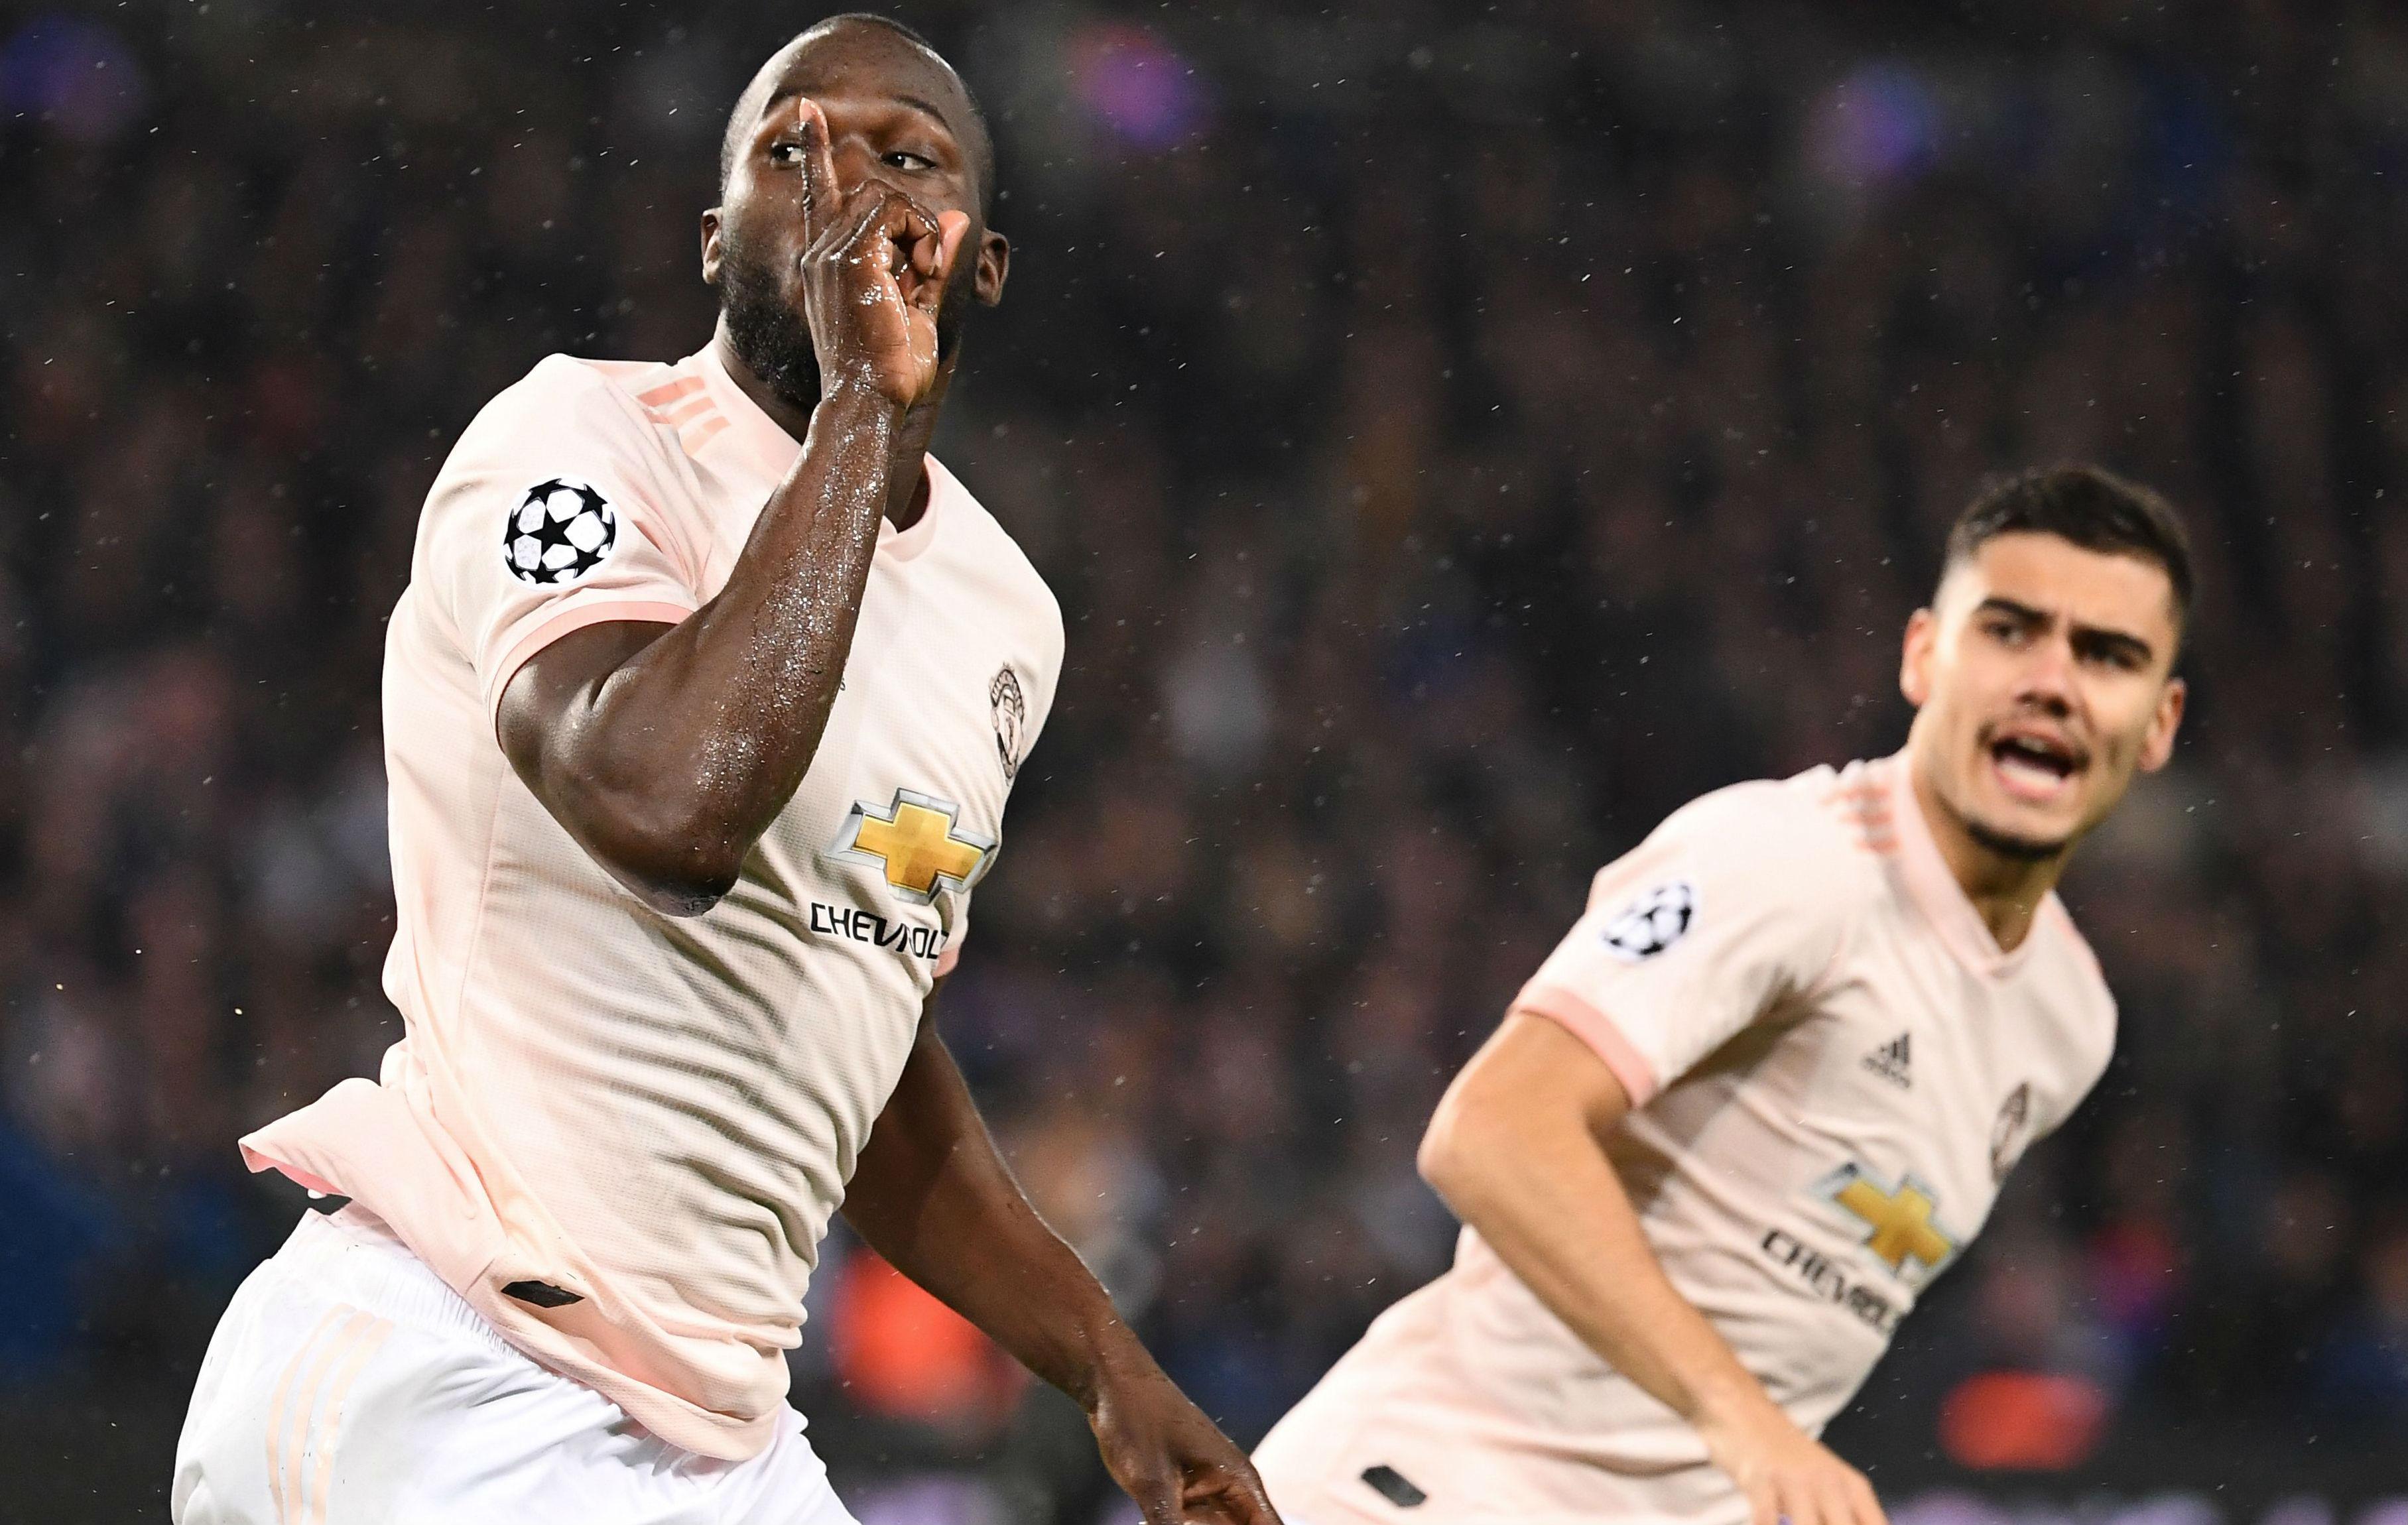 Romelu Lukaku PSG Manchester United UEFA Champions League 06032019